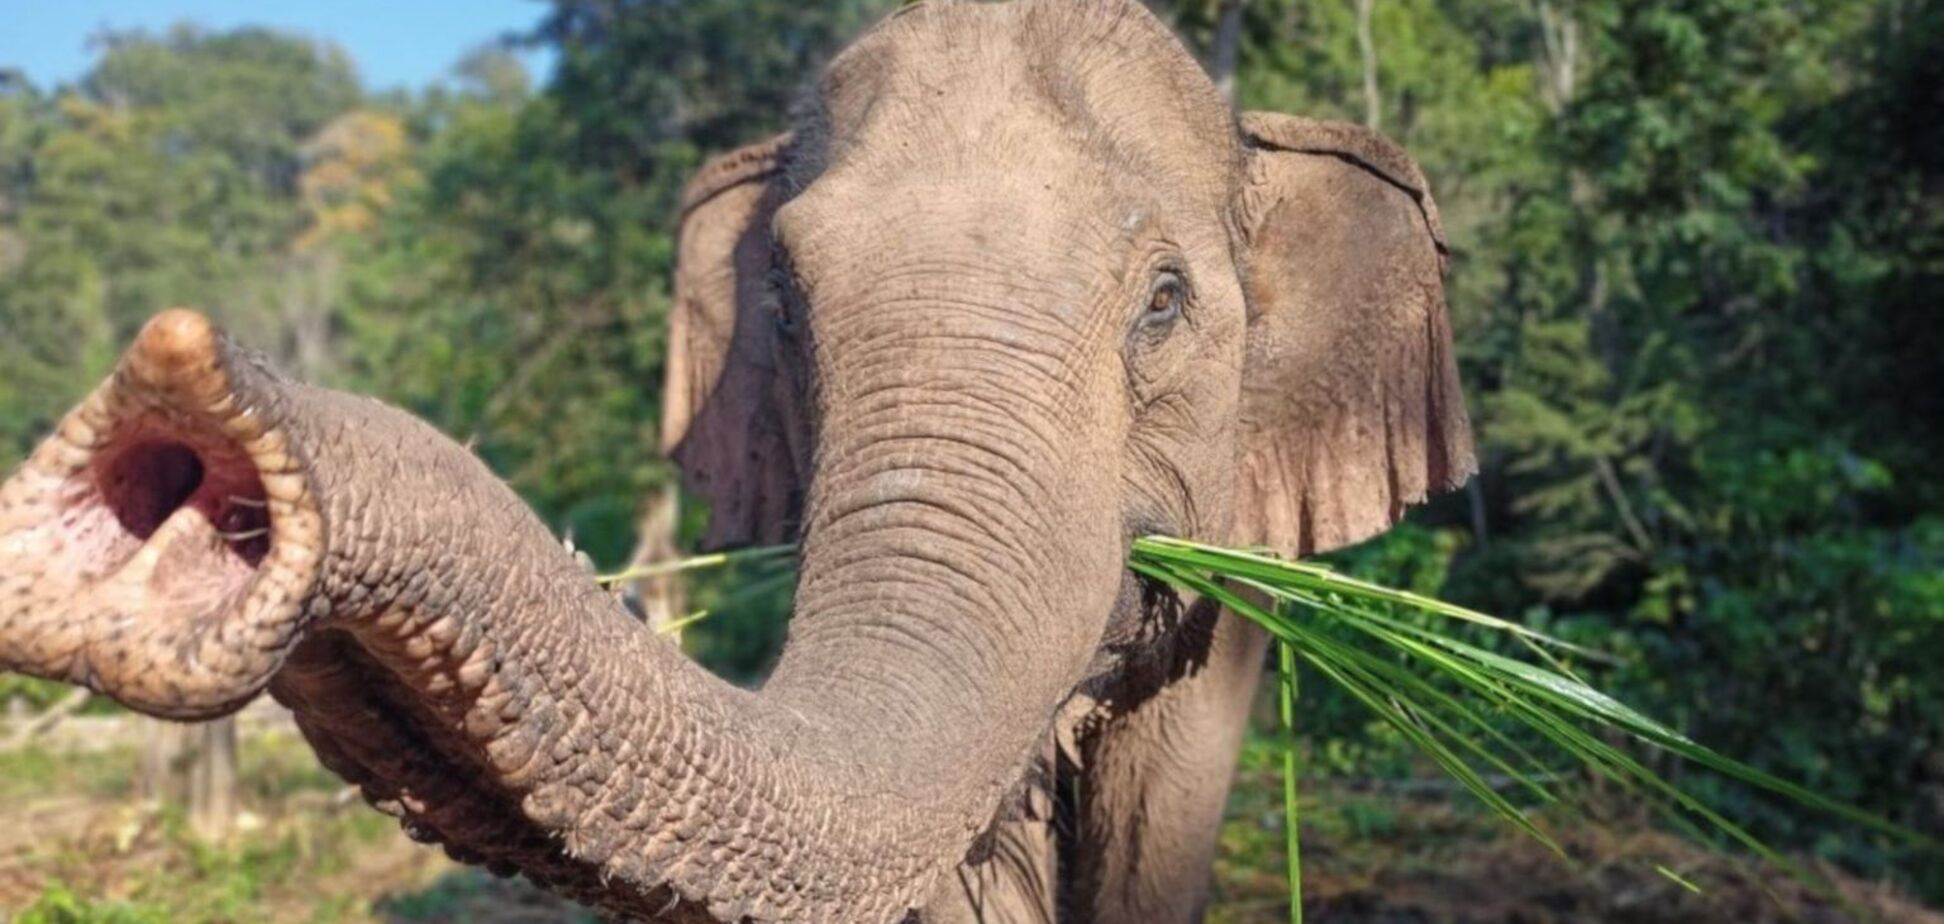 Дикий слон впізнав ветеринара, який його лікував